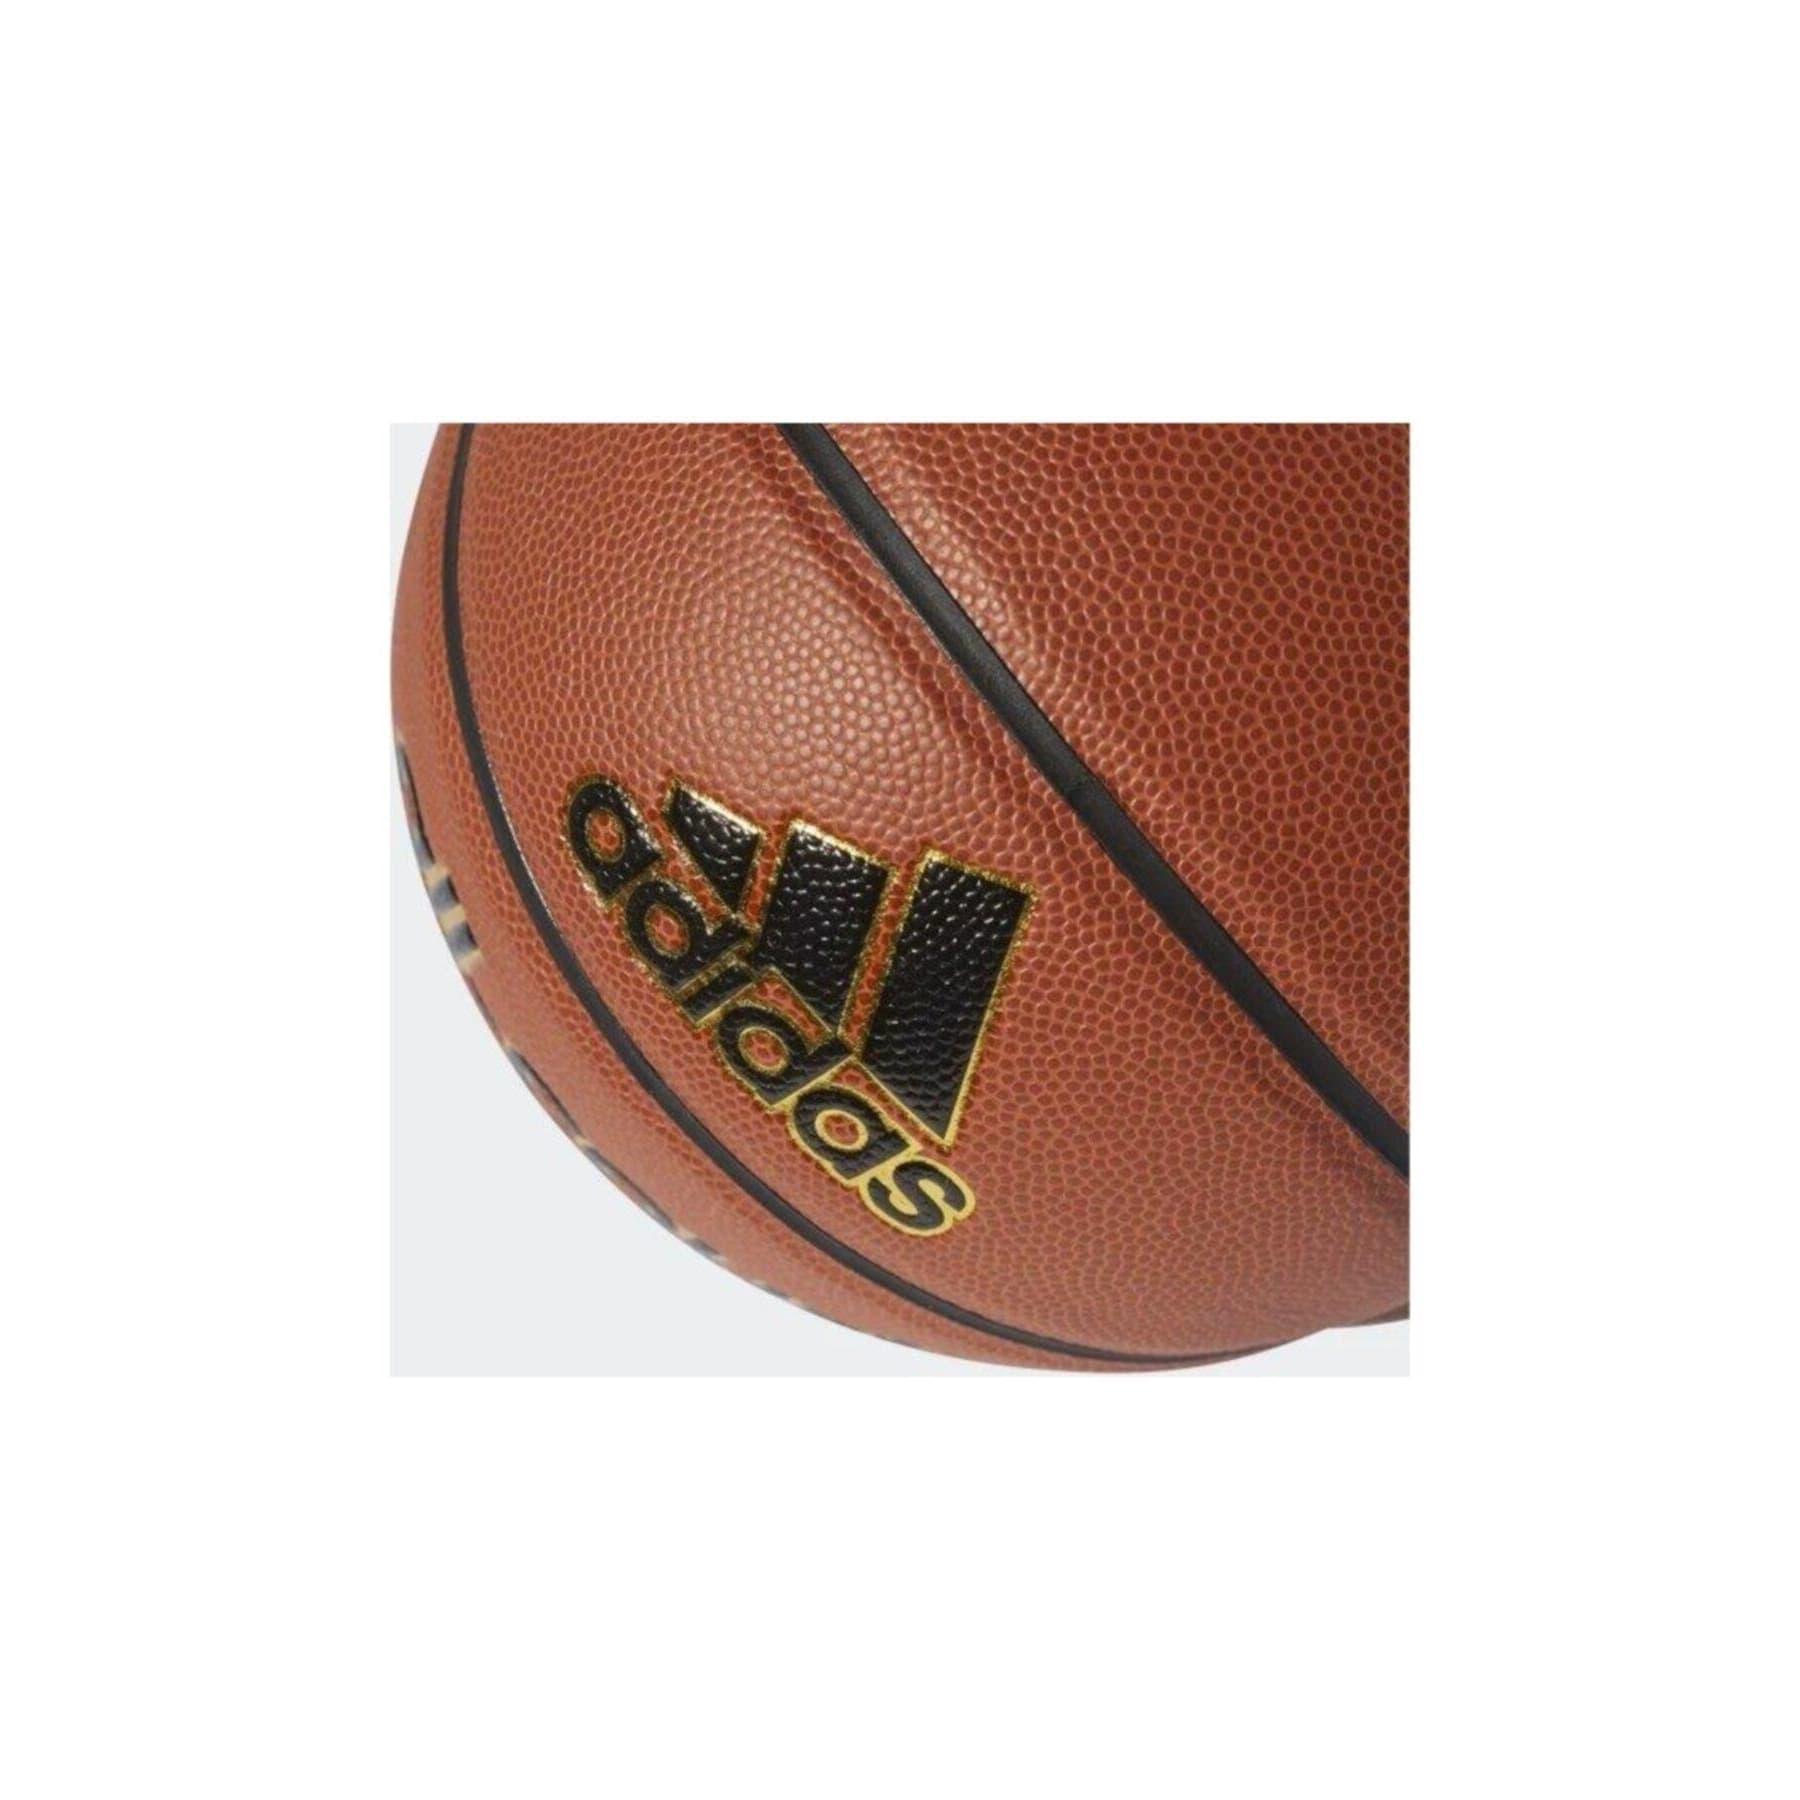 All Court Kahverengi Basketbol Topu